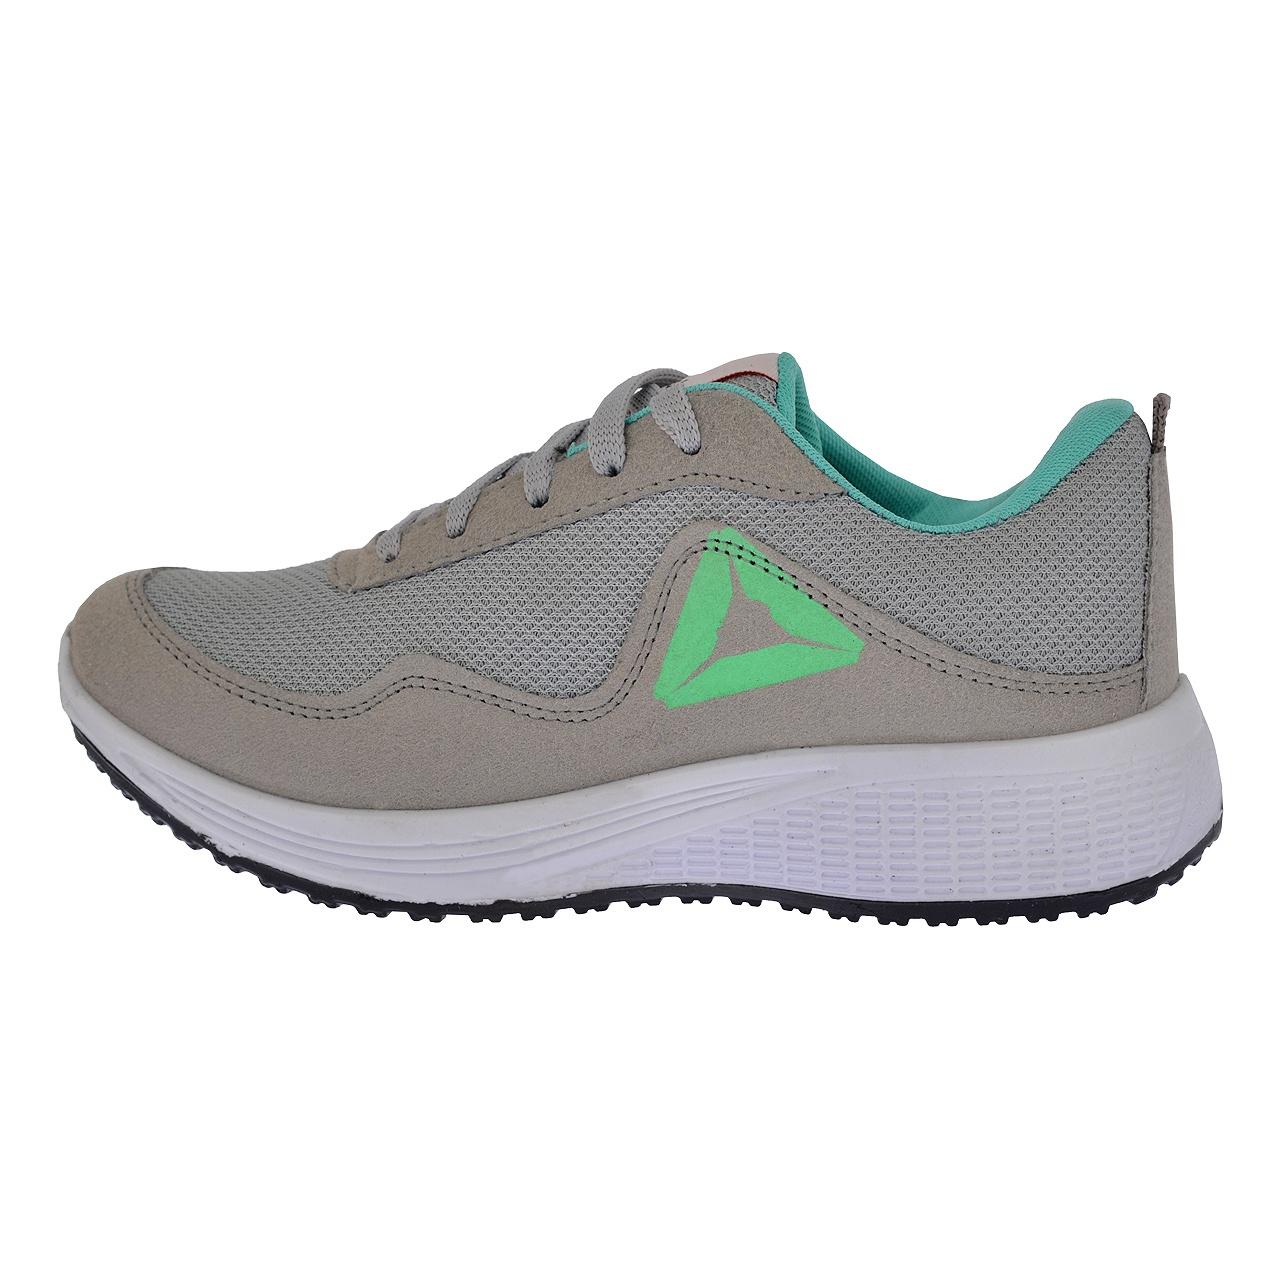 کفش راحتی زنانه کد 351004025